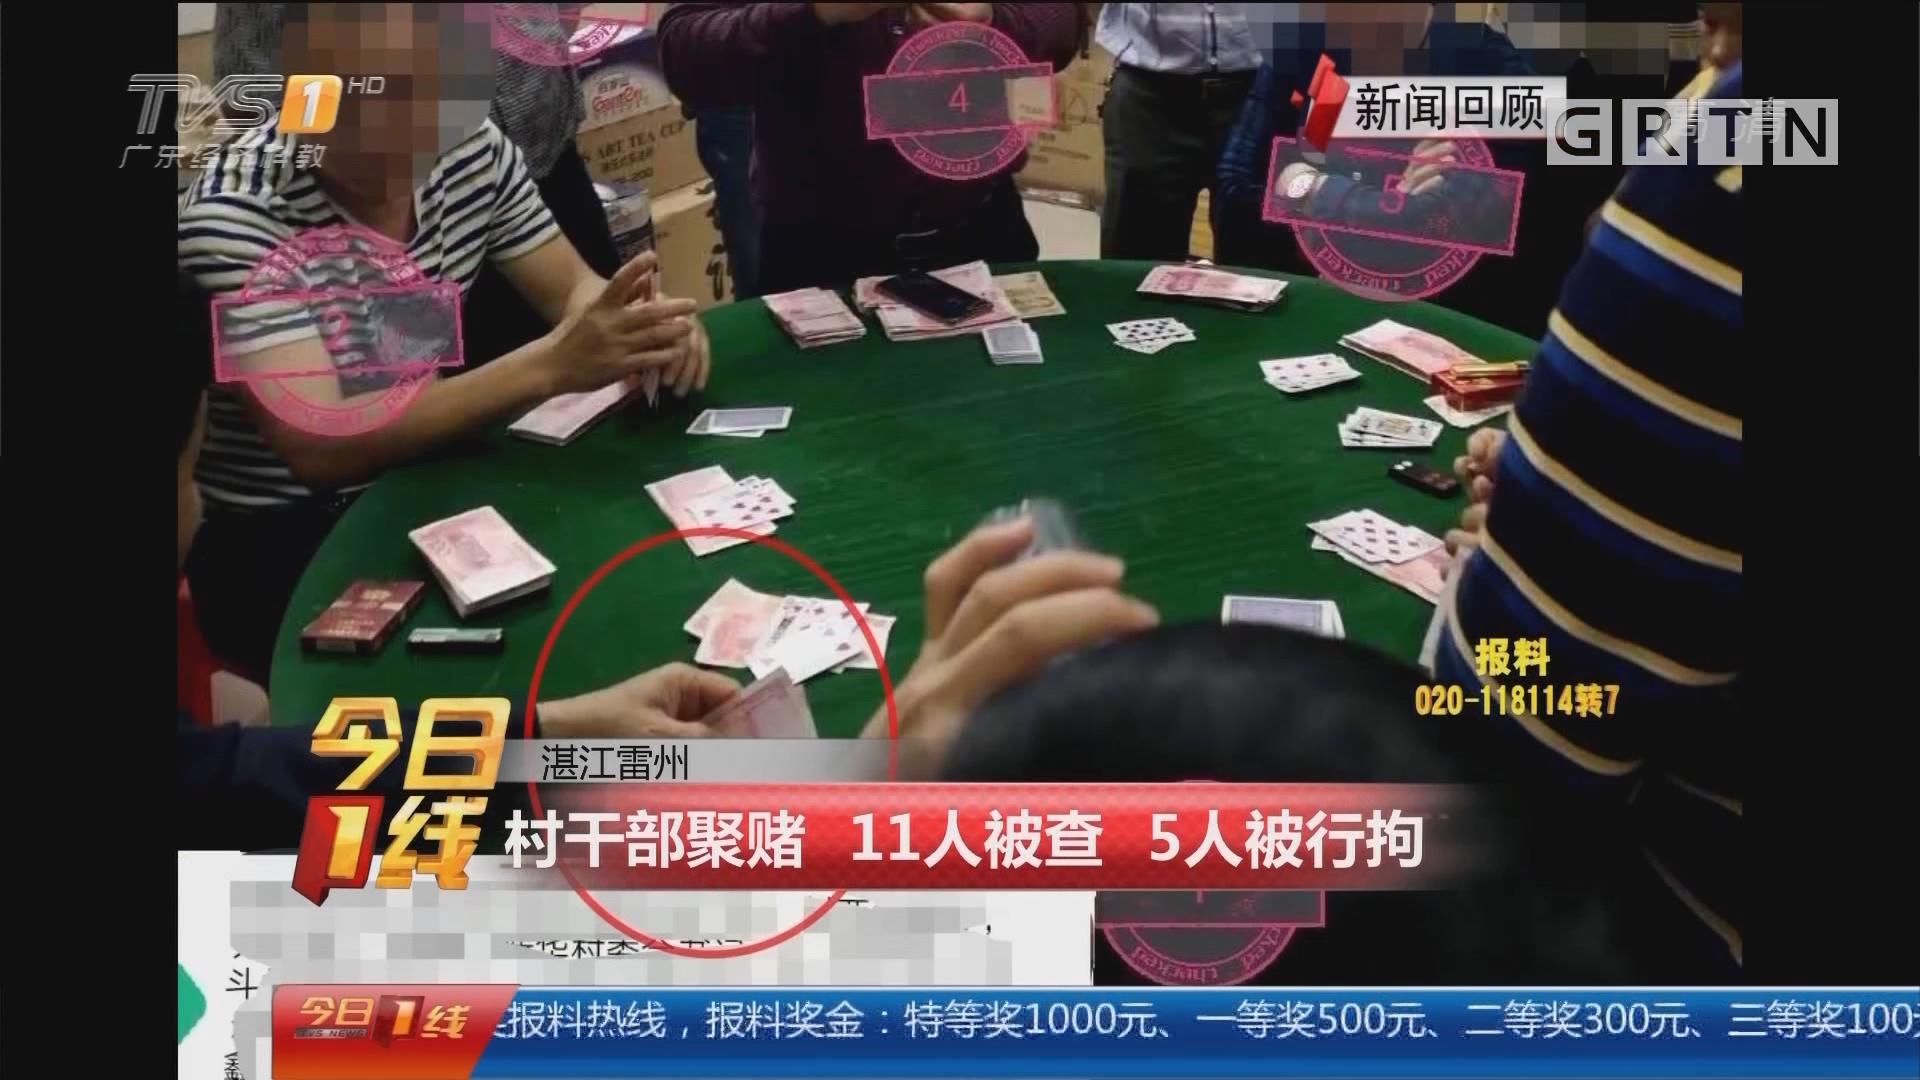 湛江雷州:村干部聚赌 11人被查 5人被行拘